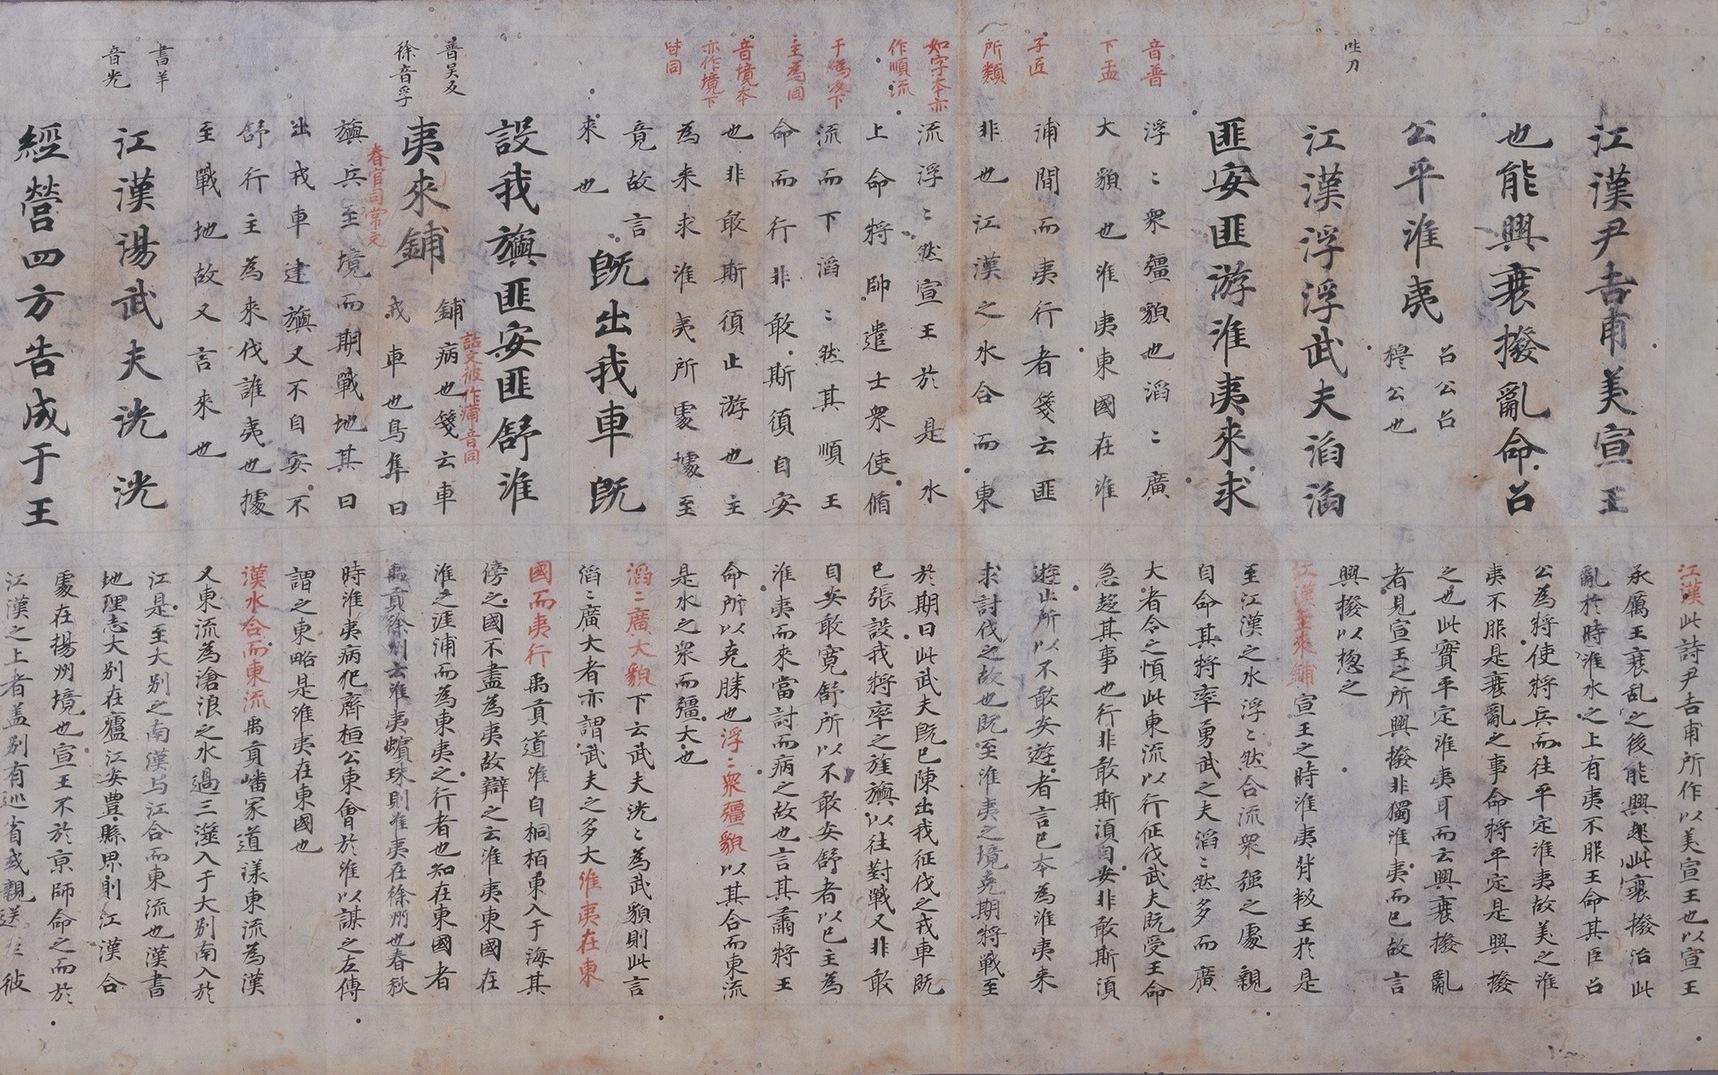 《毛诗传笺及正义》(日本东京国立博物馆藏)